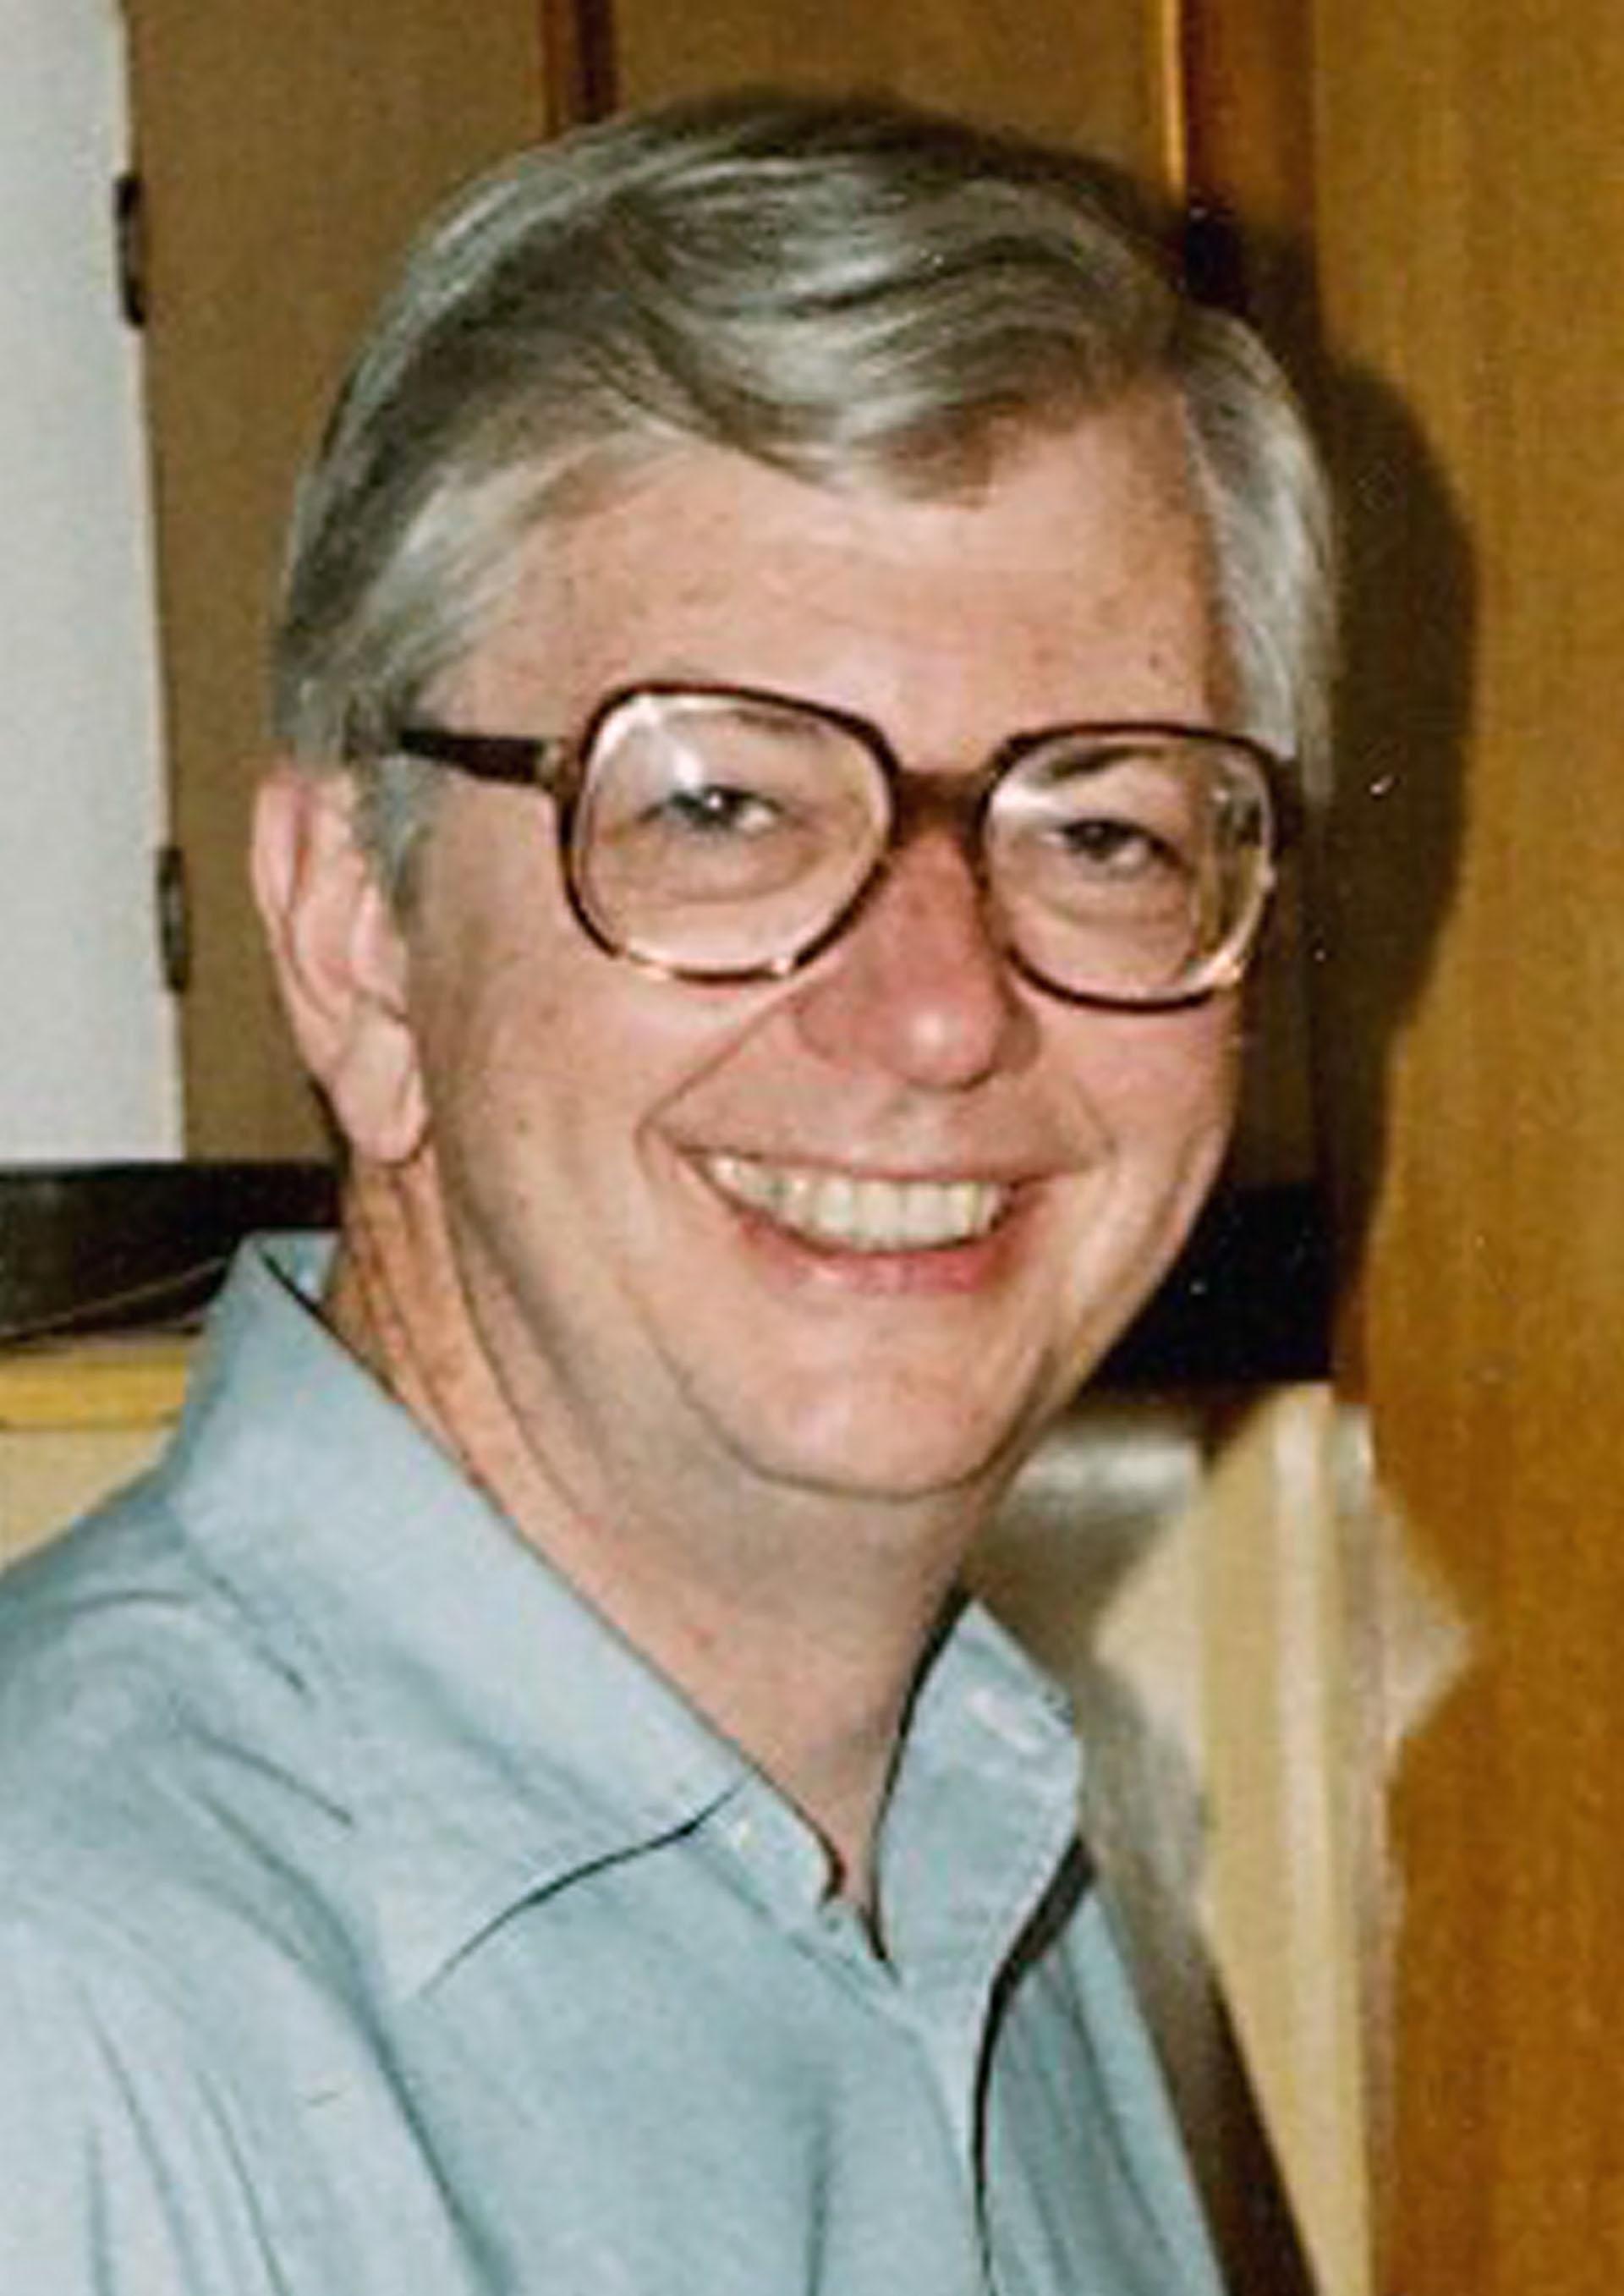 El juez federal Robert S. Vance, fue asesinado por medio de una carta bomba que llegó a su casa de Mountain Brook, en Alabama en 1989. Walter Leroy Moore Jr. fue sentenciado a muerte por su el homicidio (AP)